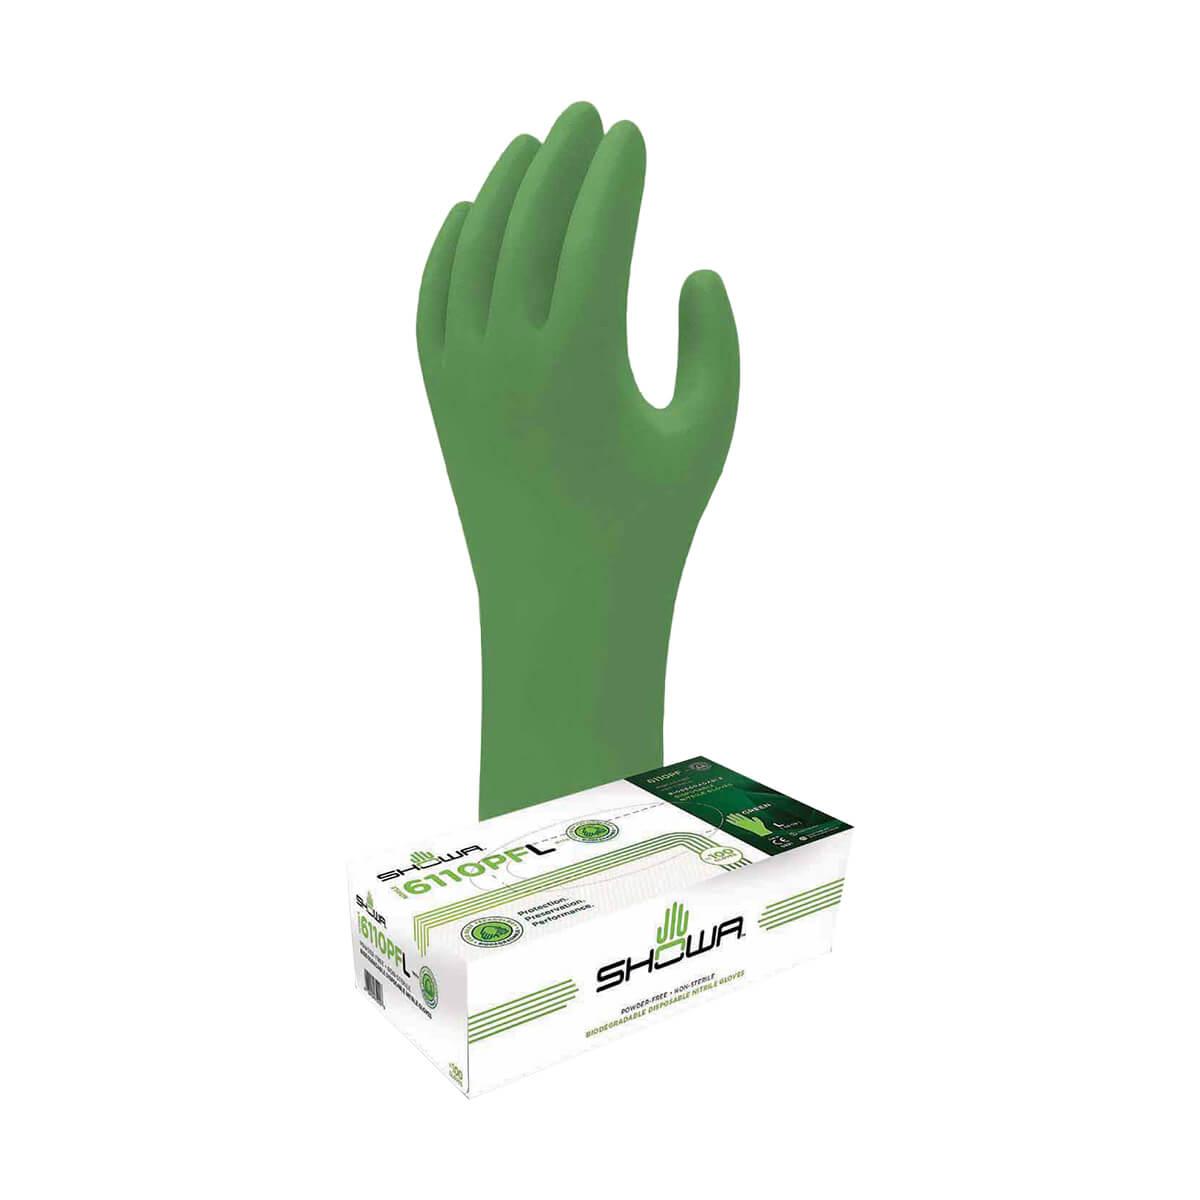 Gloves - Nitrile - Green-Dex Biodegradable - L - 100 Pack